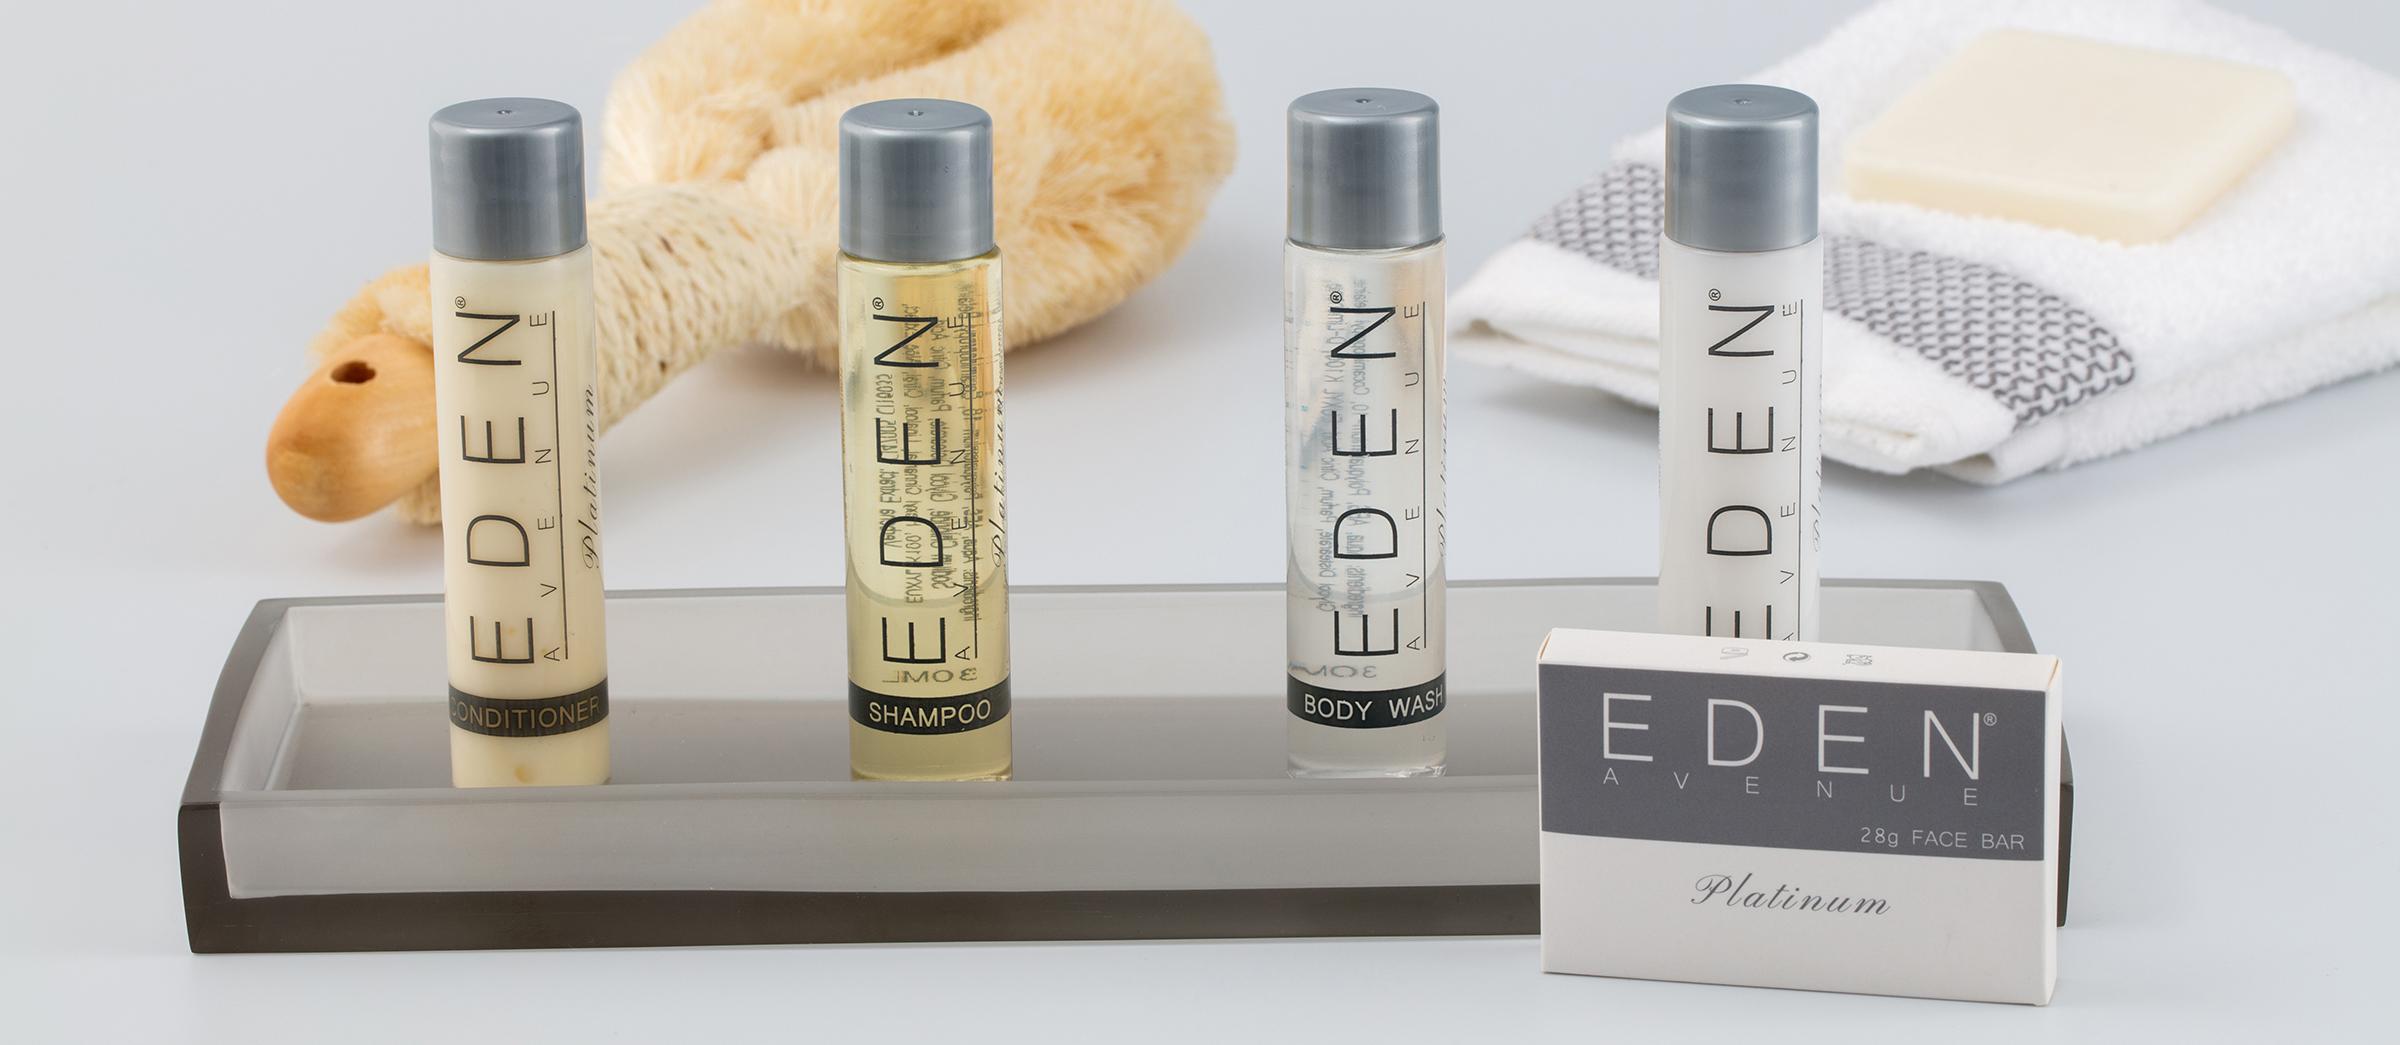 Eden Avenue Platinum